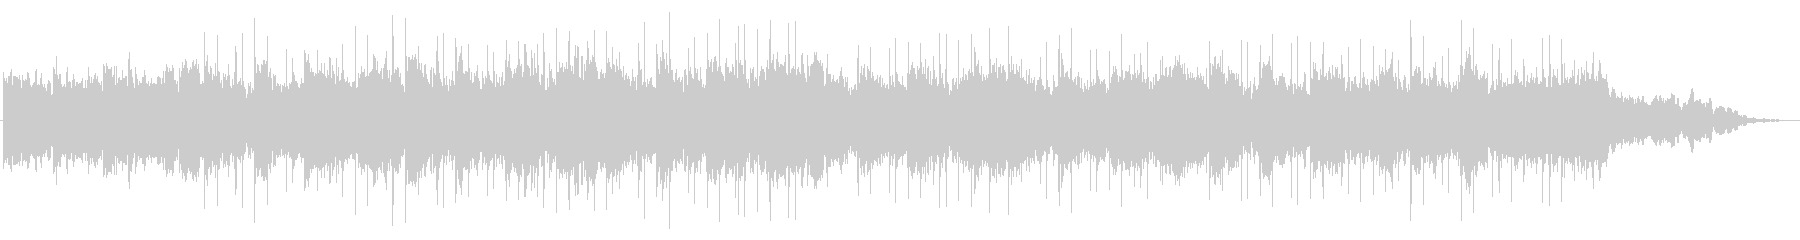 【LOFI HIPHOP】ミステリアスの未再生の波形